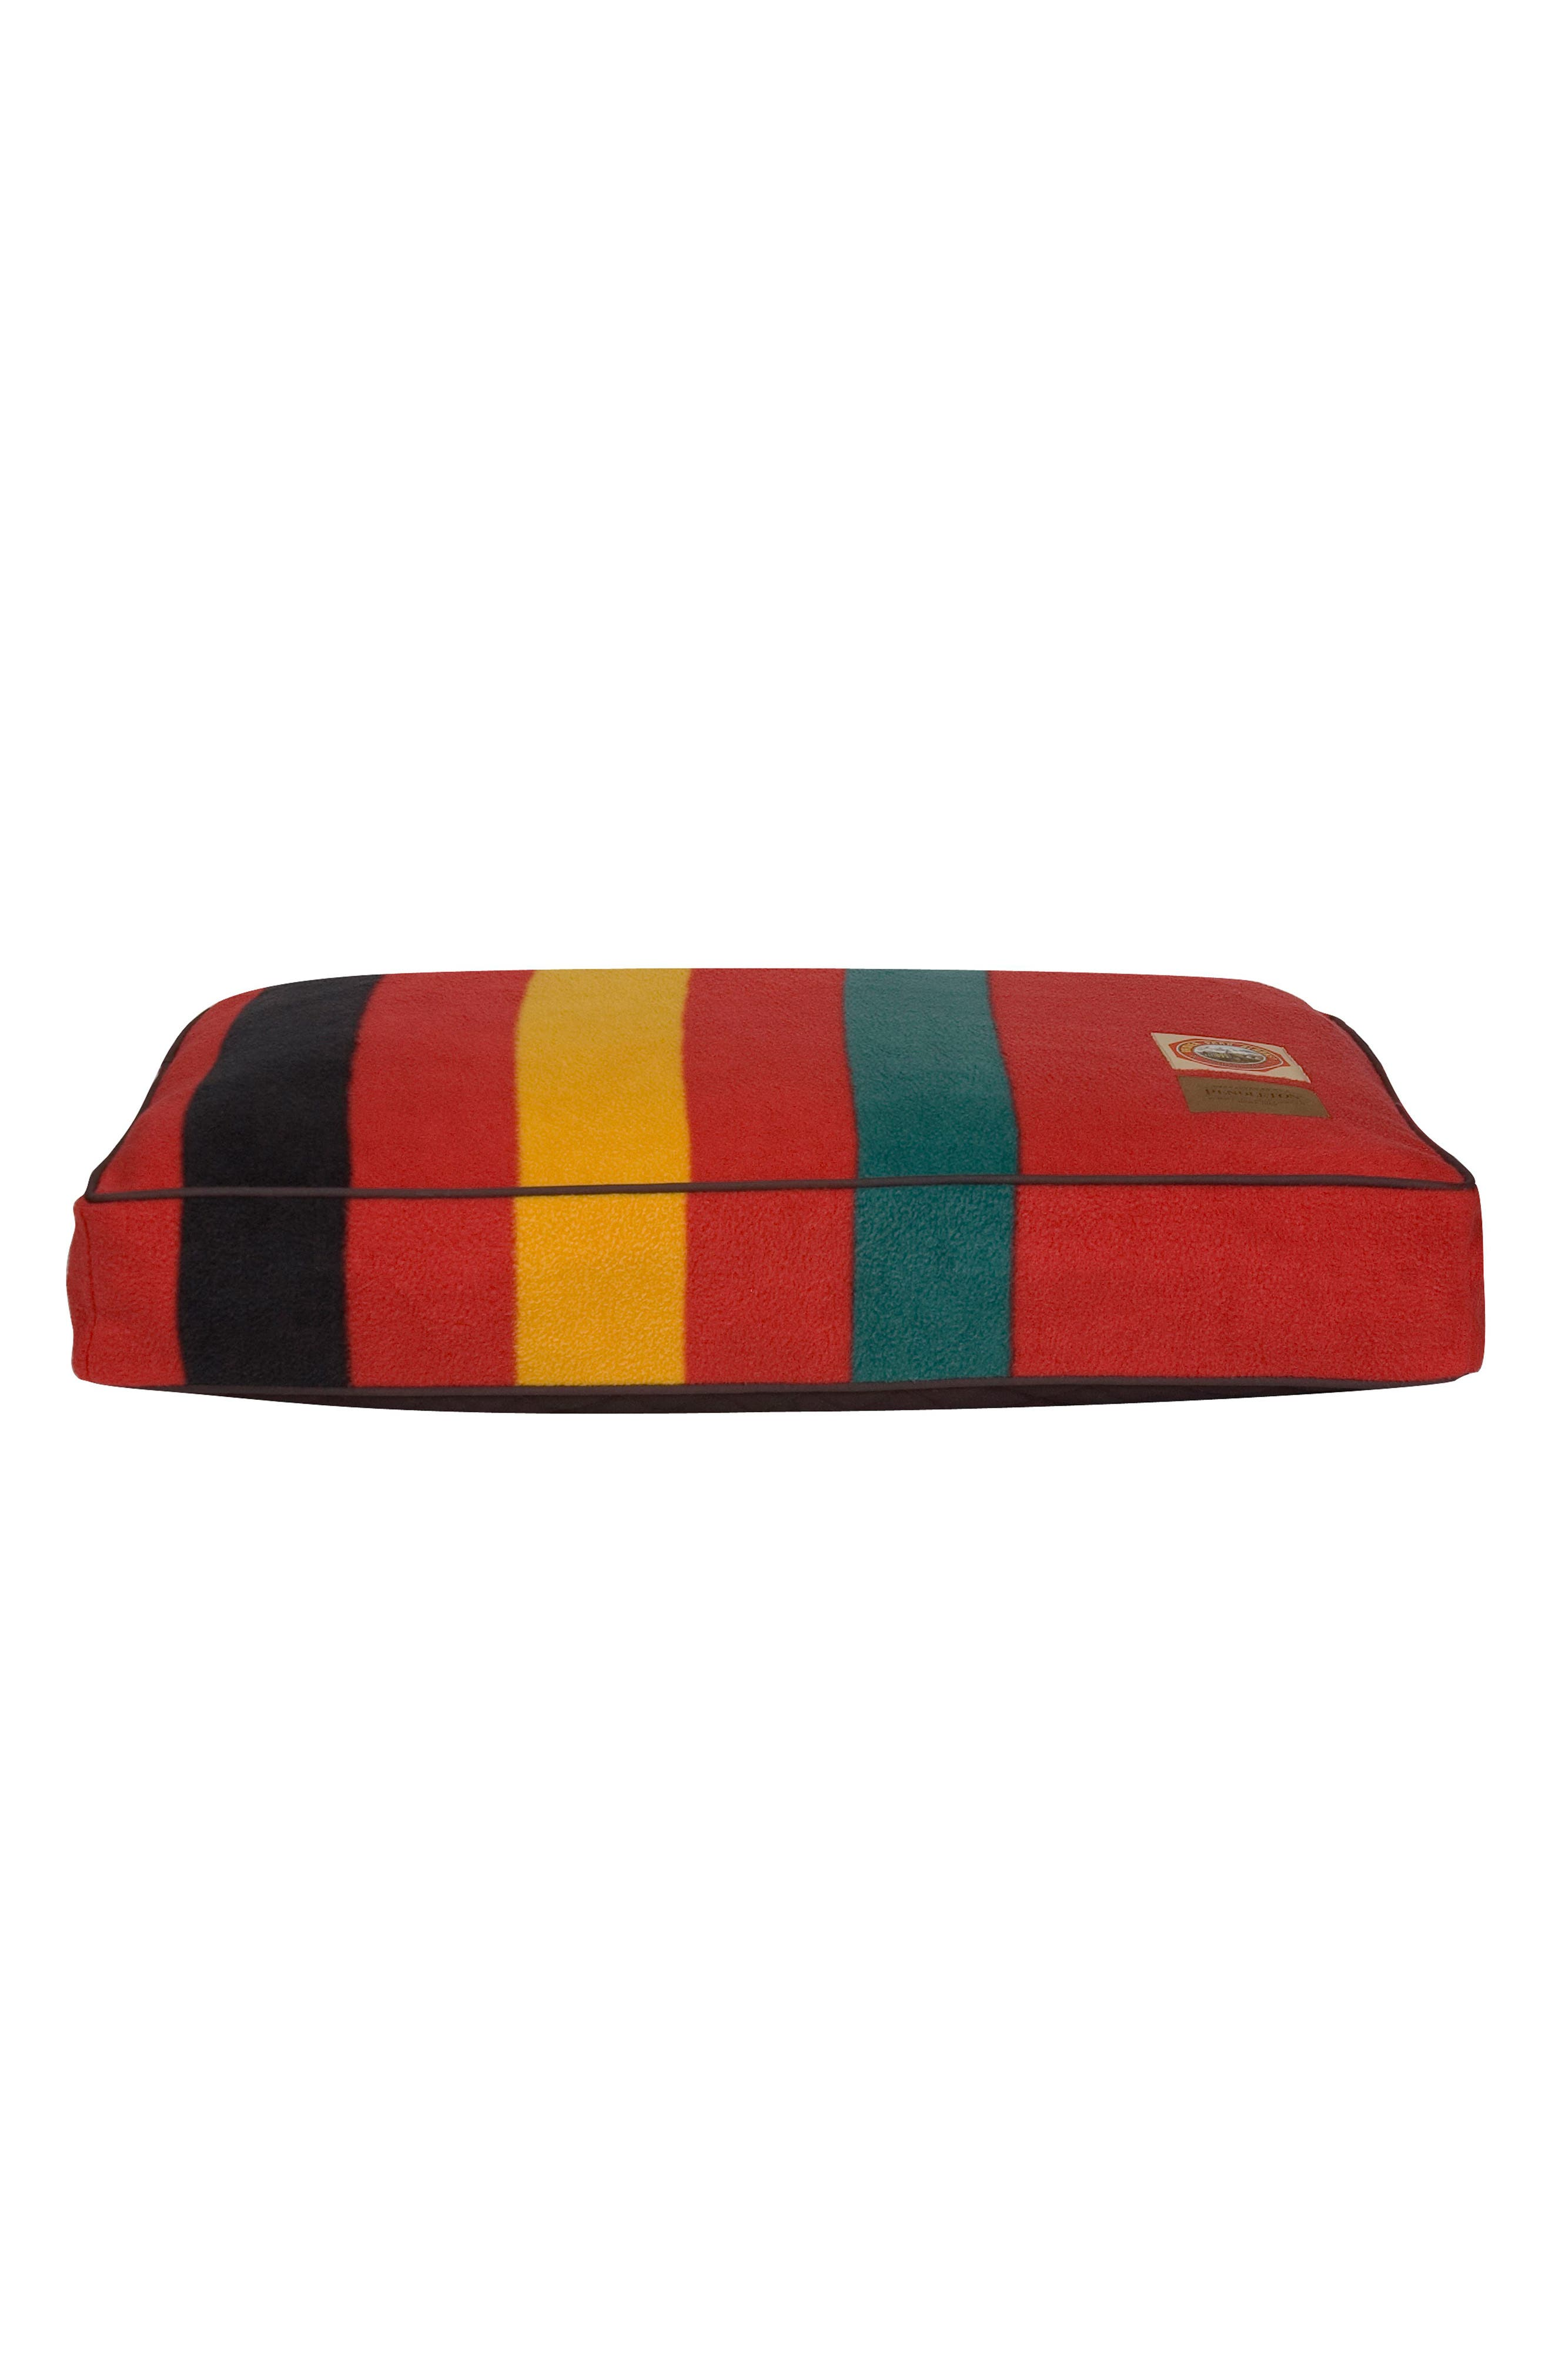 x Pendleton Rainier National Park Pet Bed,                             Main thumbnail 1, color,                             RAINIER